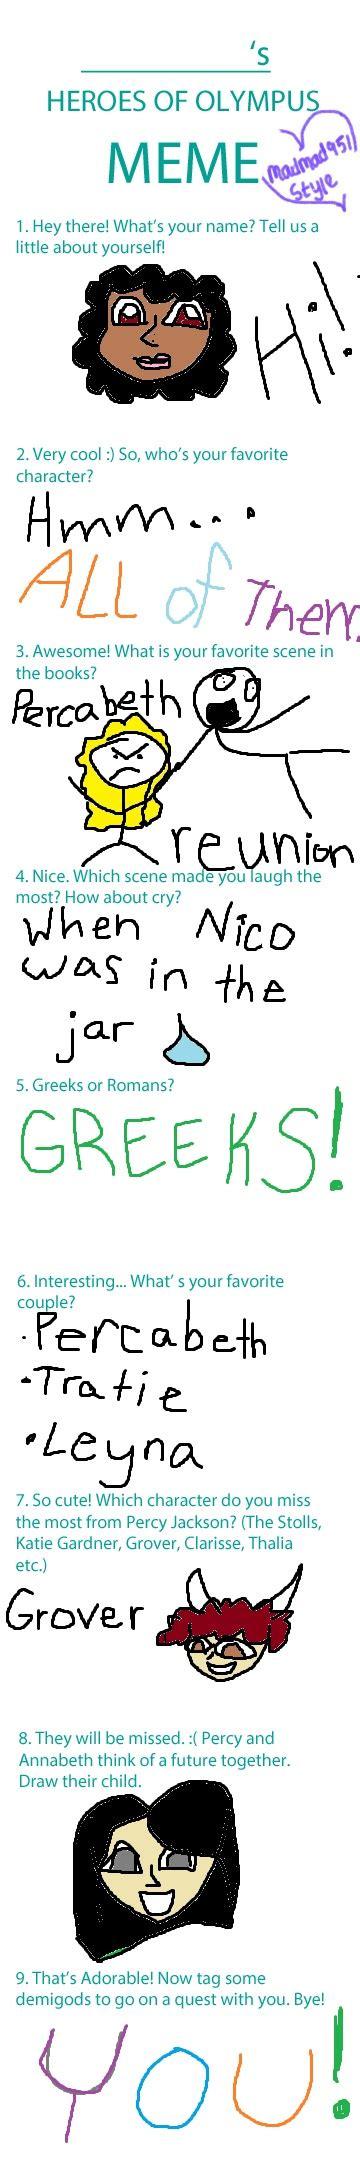 Heroes Of Olympus Memes - heroes of olympus meme on percy jackson memes deviantart